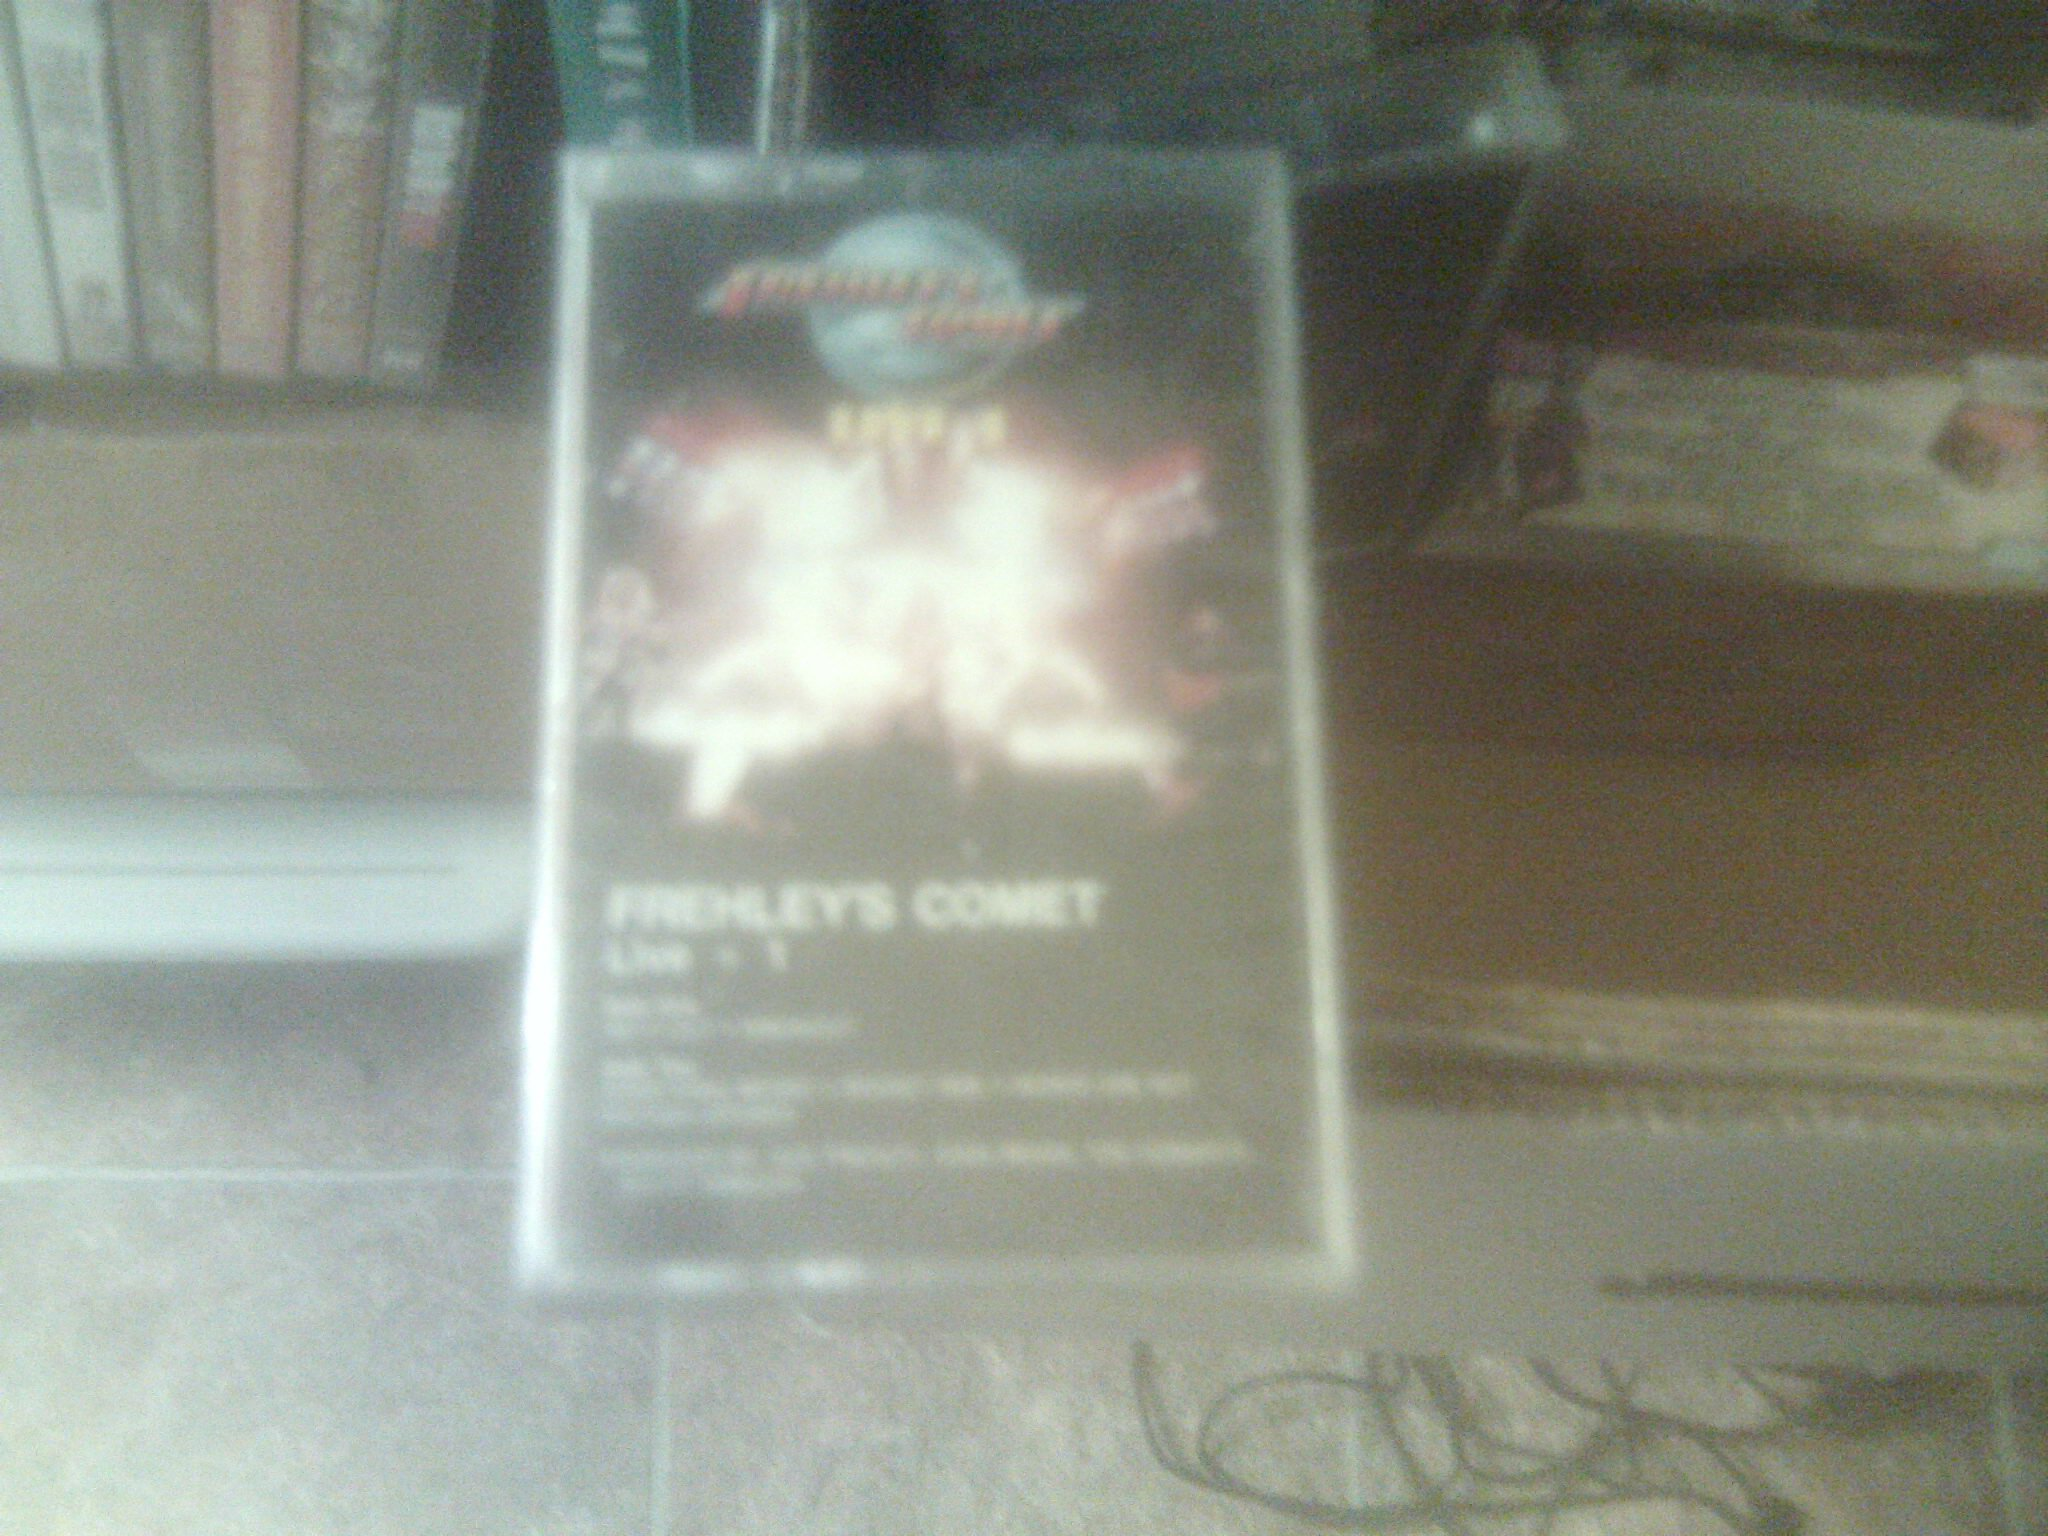 Live + 1 - Frehley's Comet